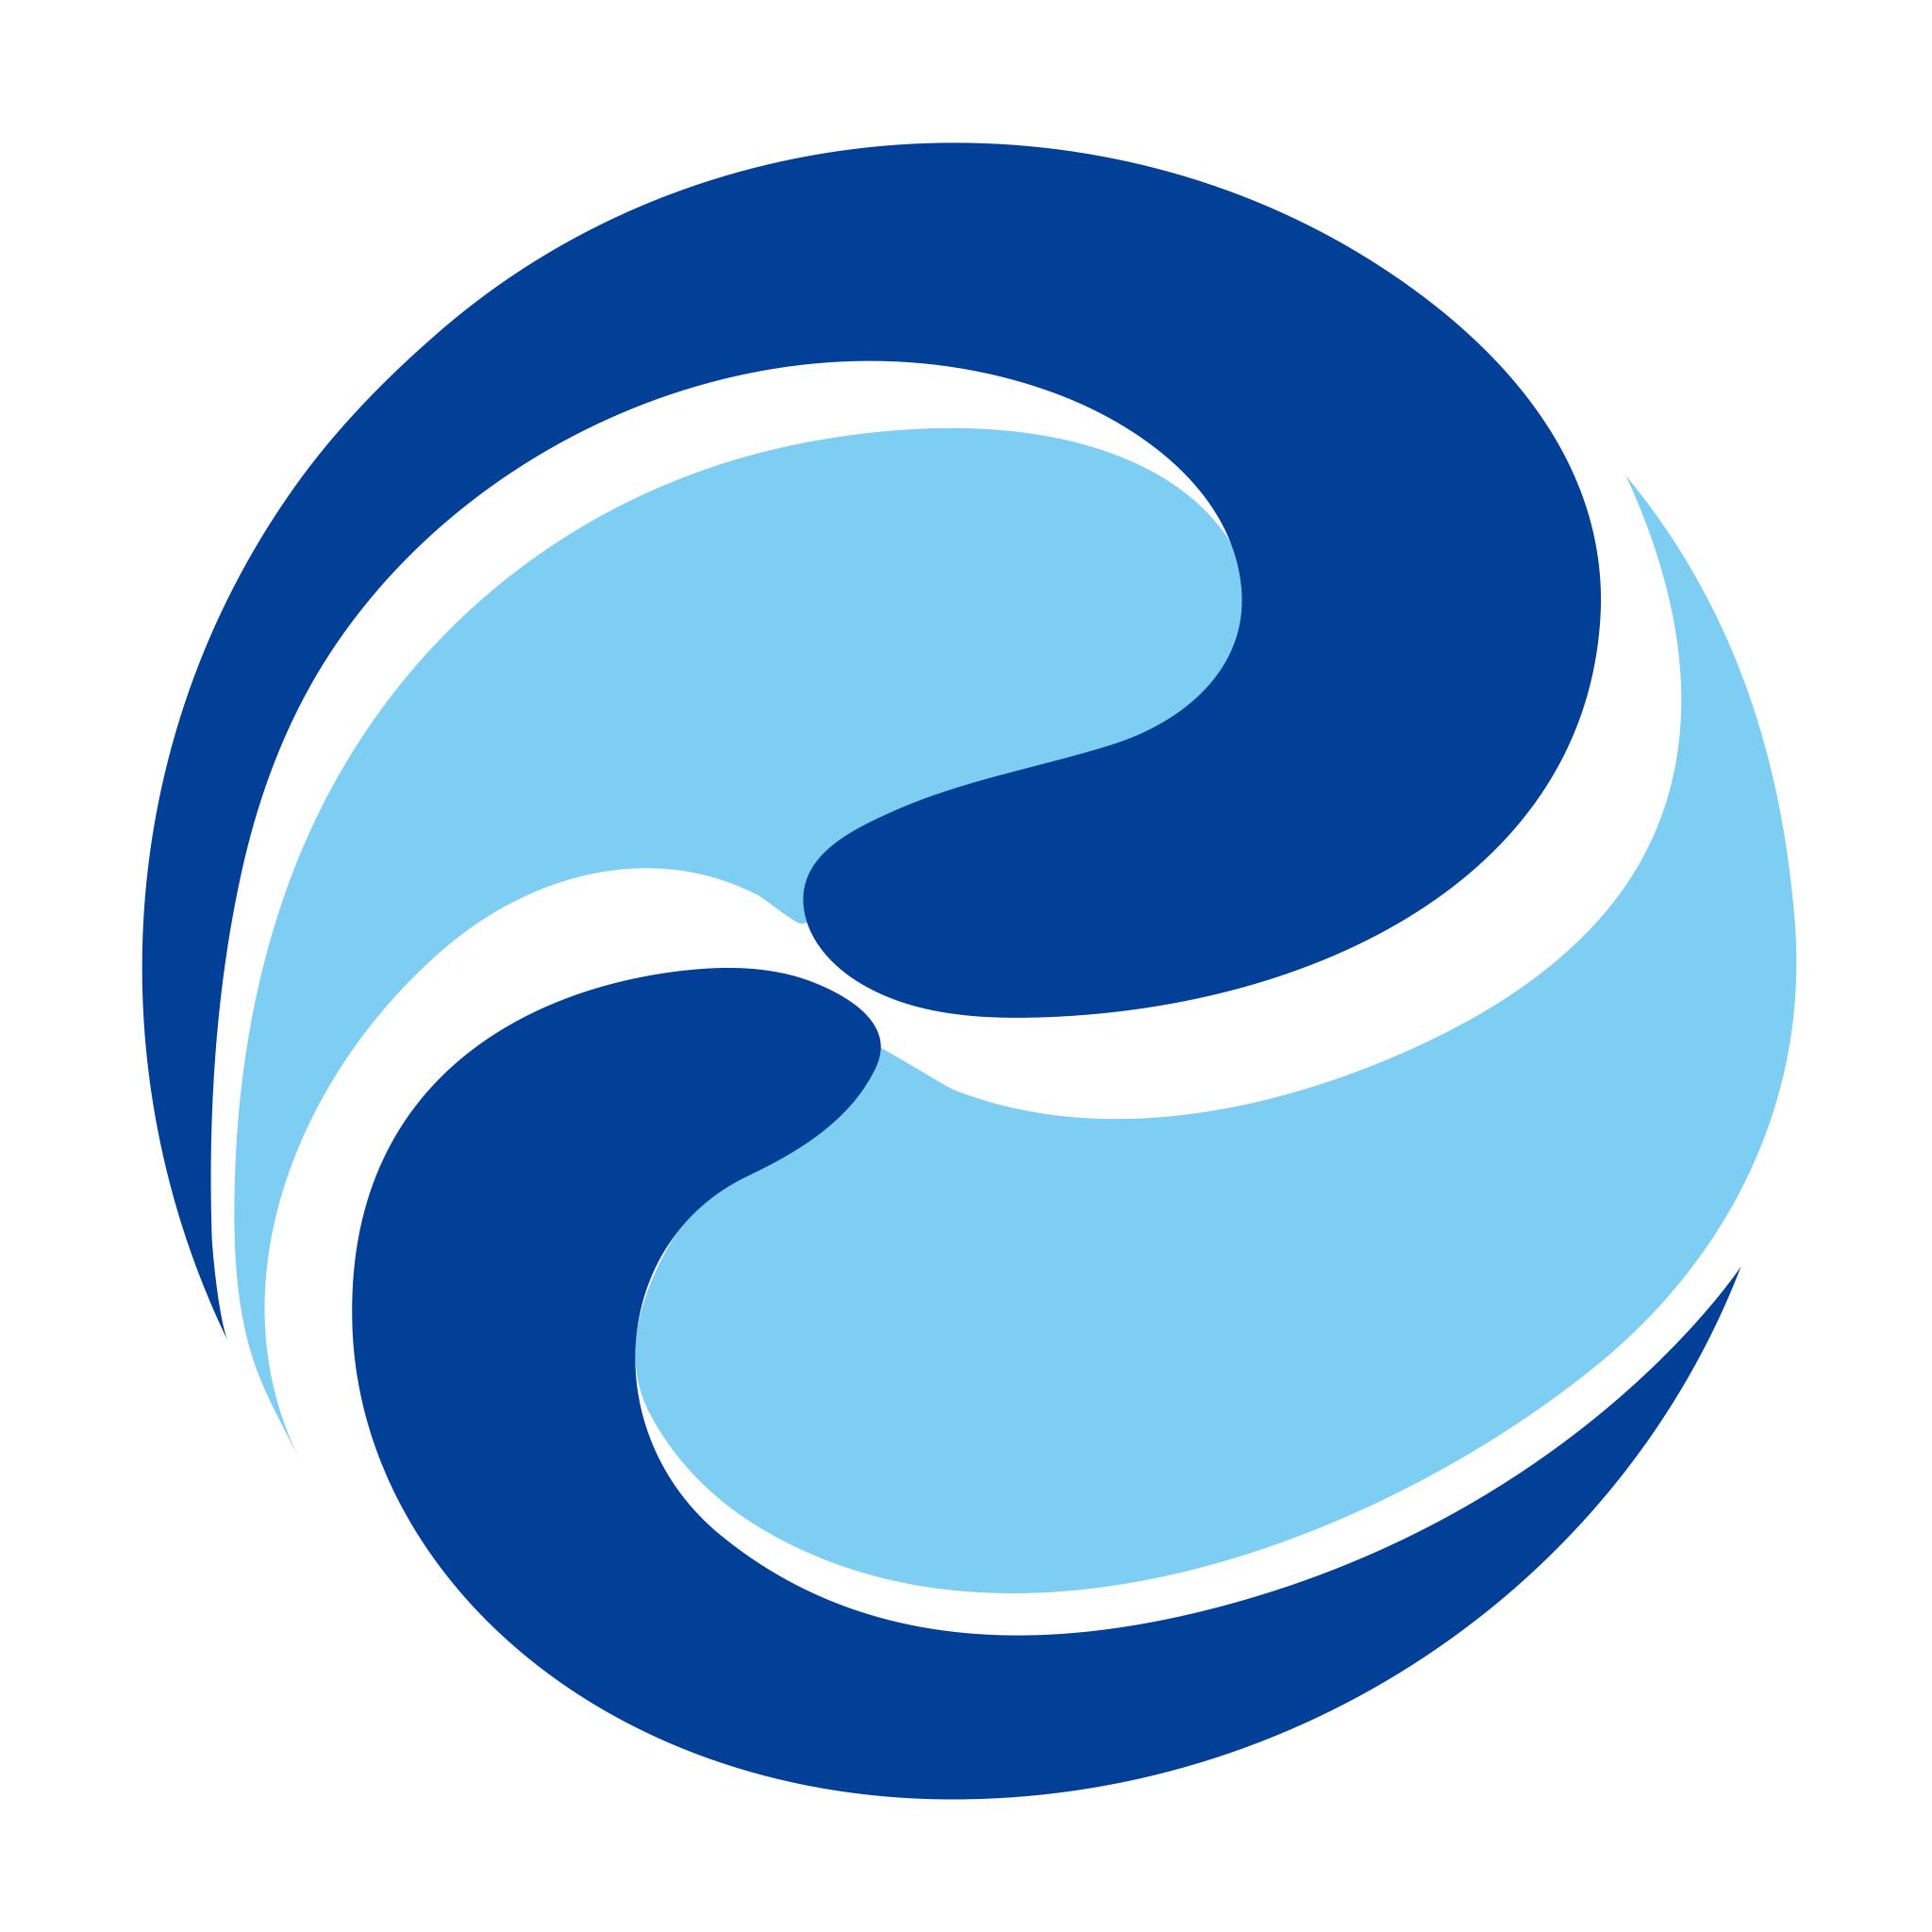 西尔云学苑安卓版 V3.3.7